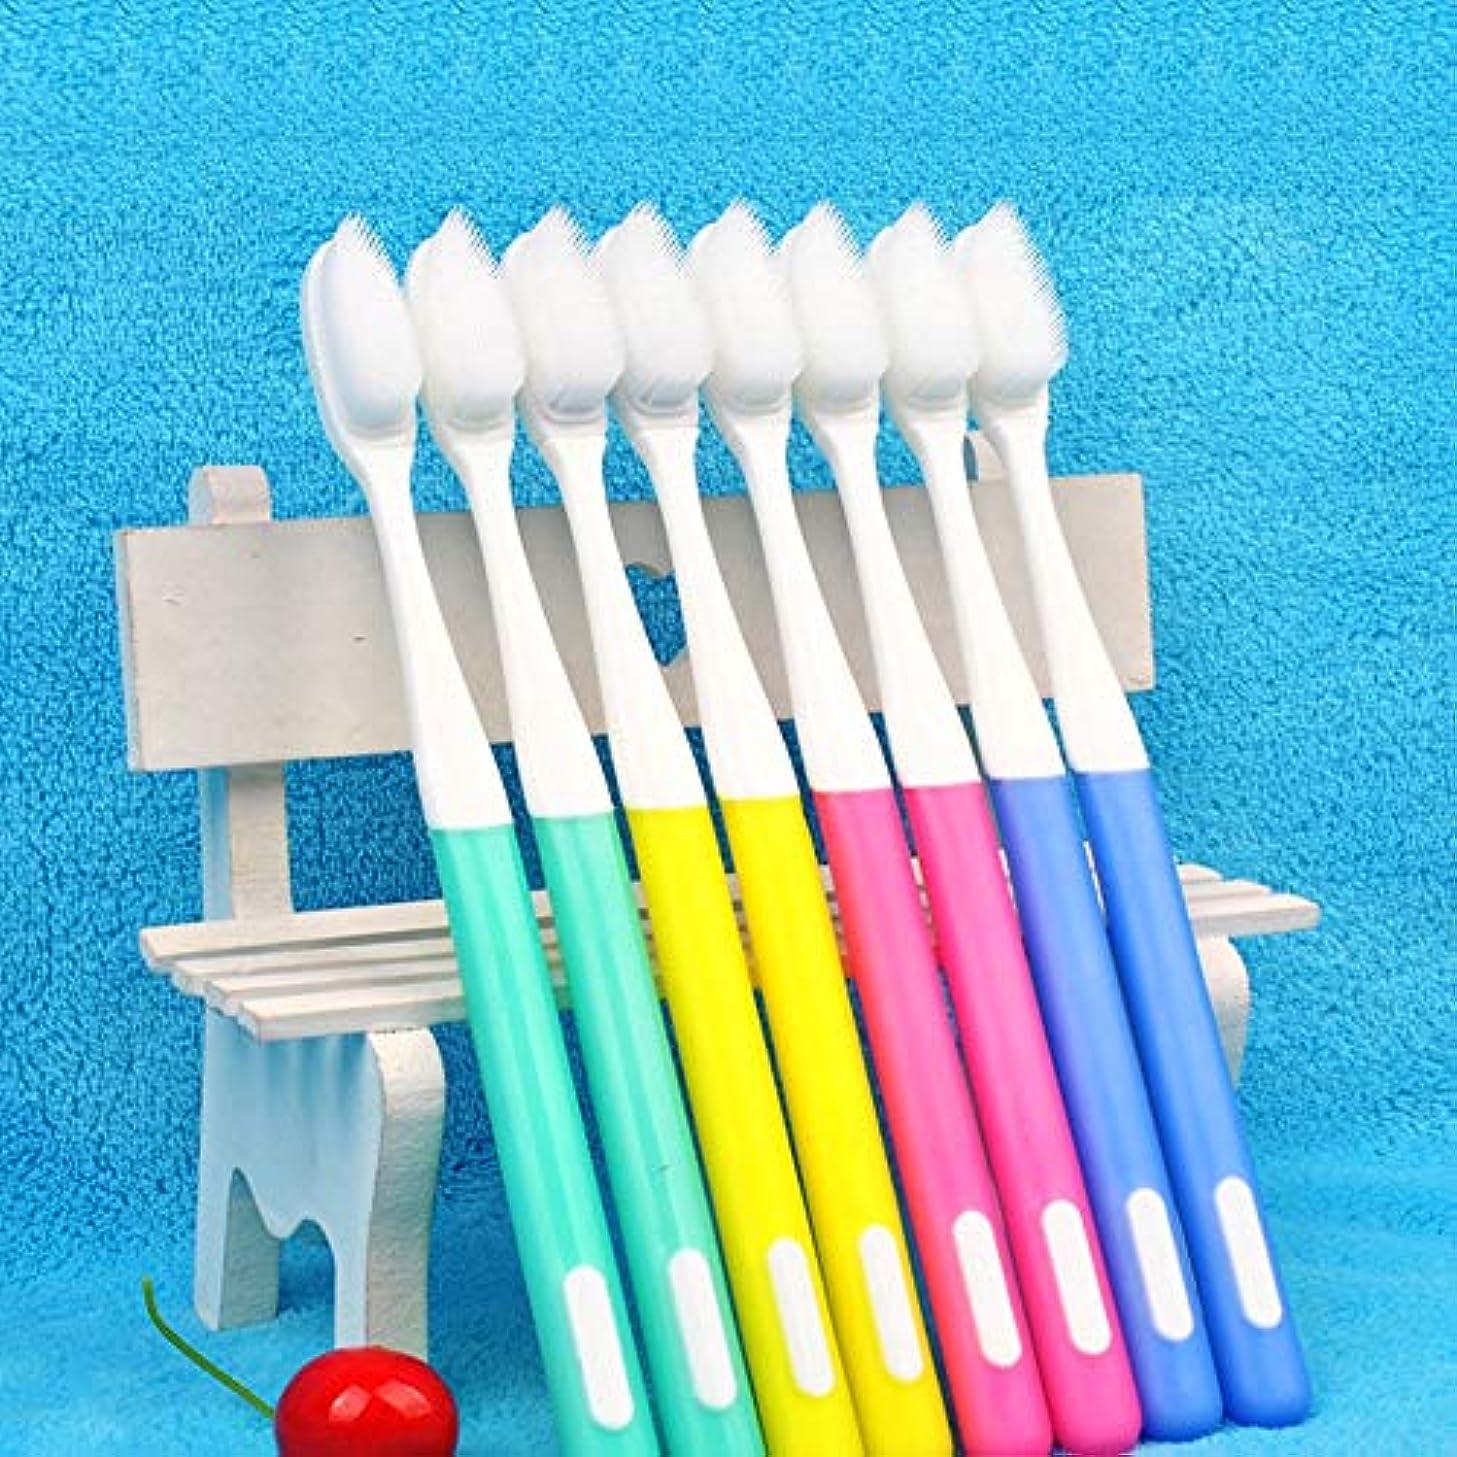 方法論重量パラダイス歯ブラシ 10パック柔らかい歯ブラシ、ナノ大人歯ブラシ、環境にやさしいシリコン歯ブラシを - 利用可能な2つのスタイル KHL (色 : B, サイズ : 10 packs)